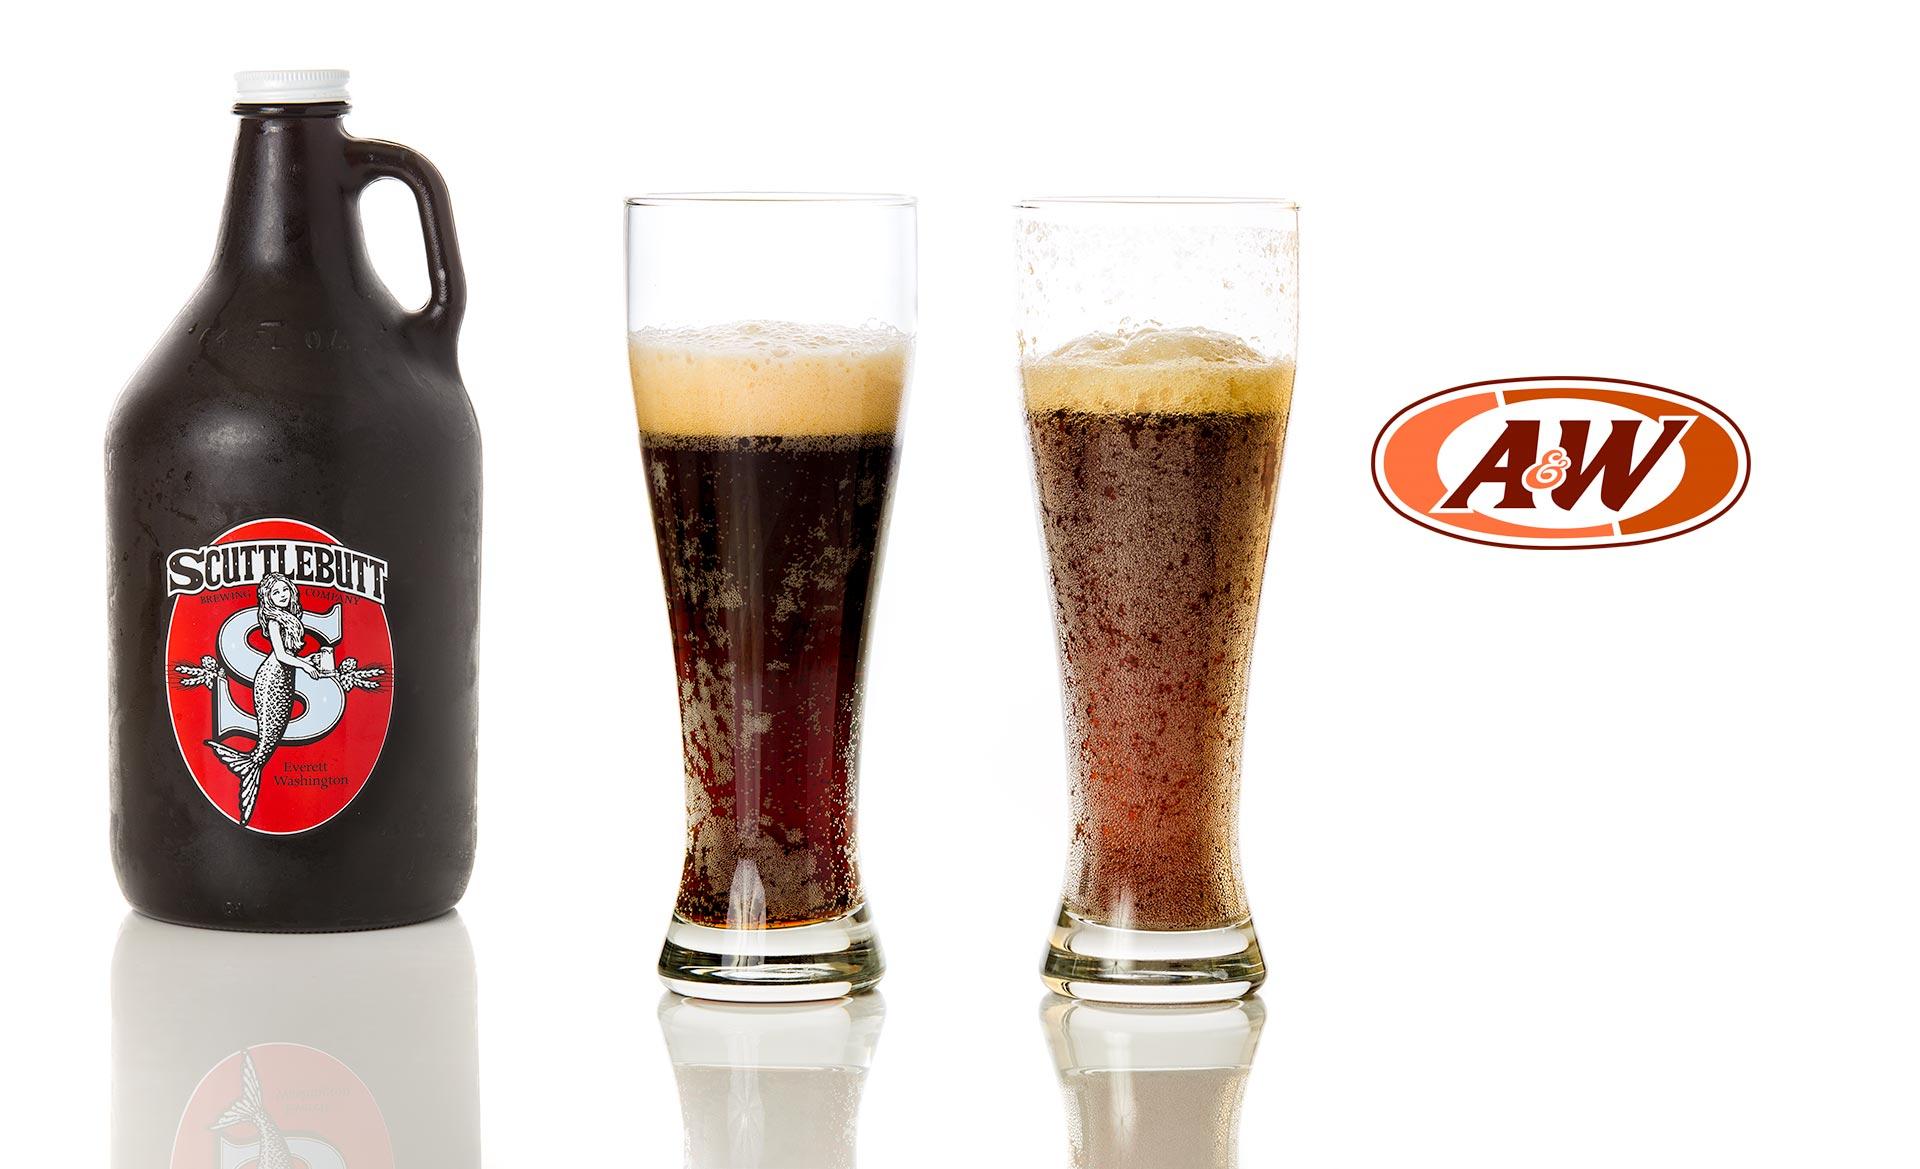 Scuttlebutt Root Beer